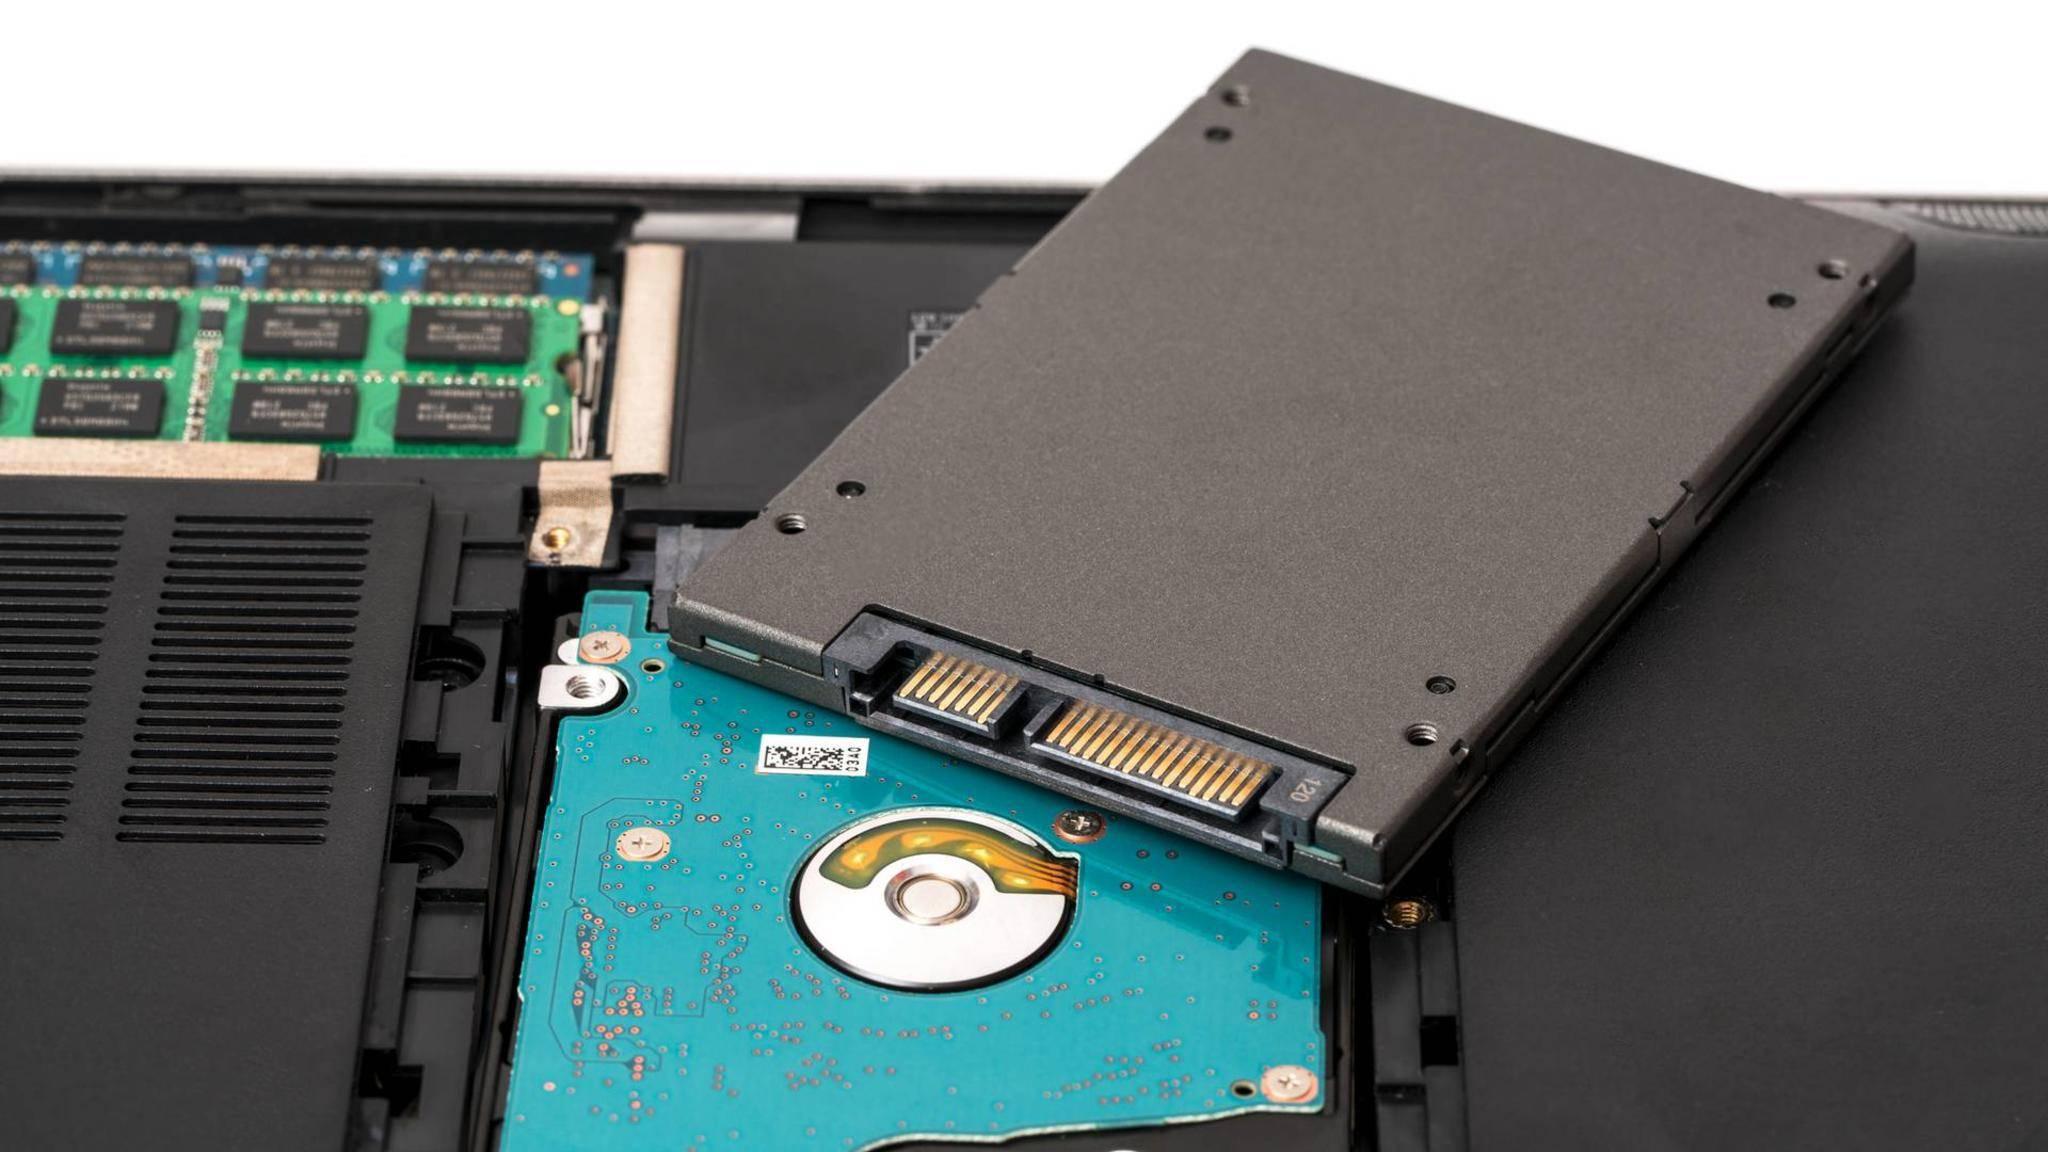 Wir verraten Dir, wie Du eine Festplatte klonen kannst.